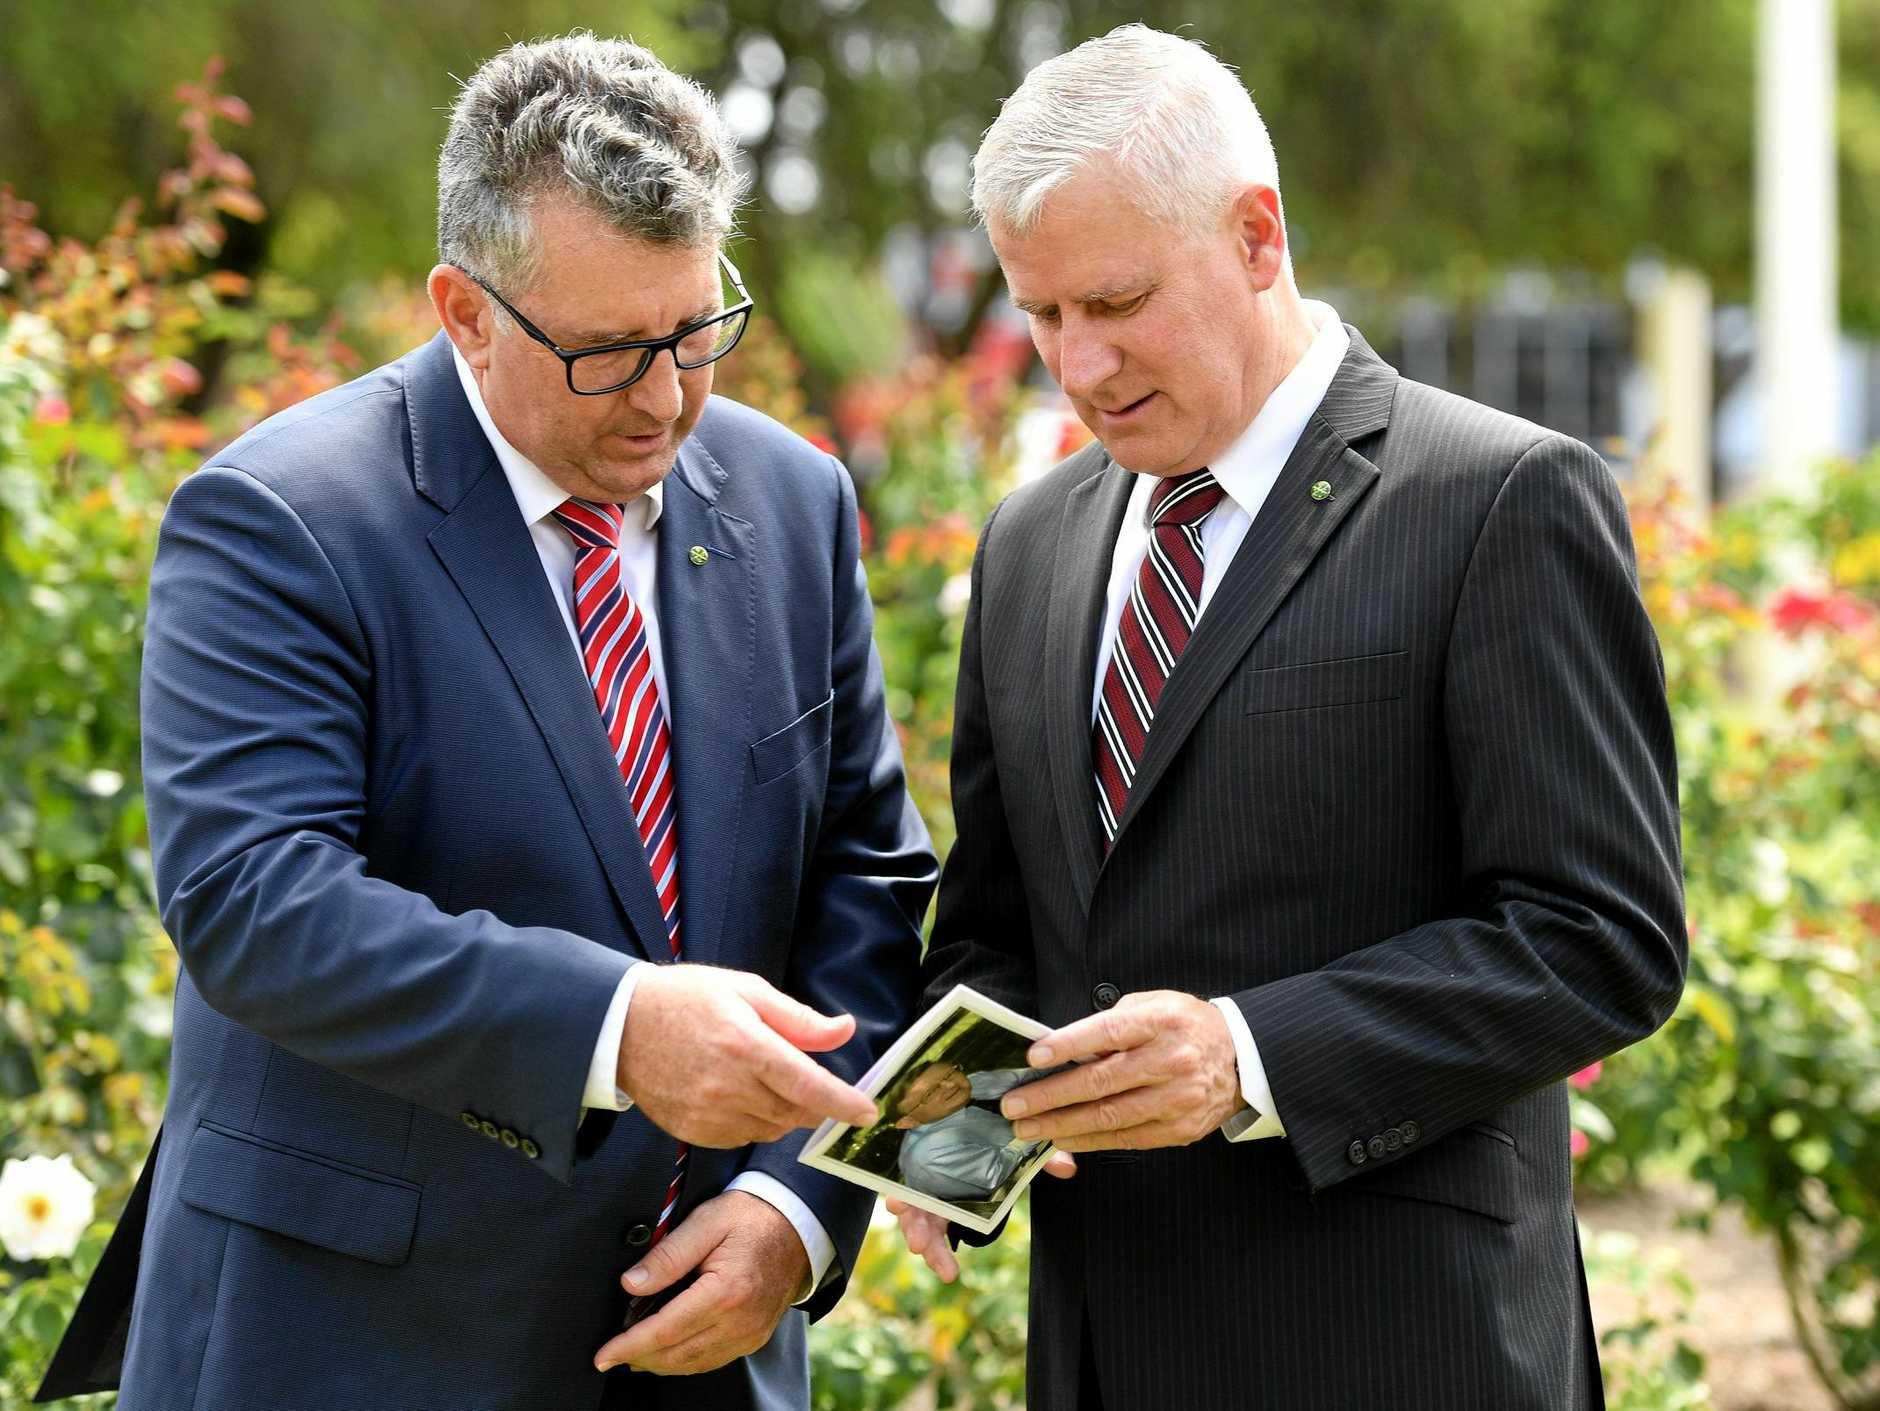 Member for Hinkler Keith Pitt and Deputy Prime Minister Michael McCormack reflect on Former Member for Hinkler Paul Neville's contribution to the region.